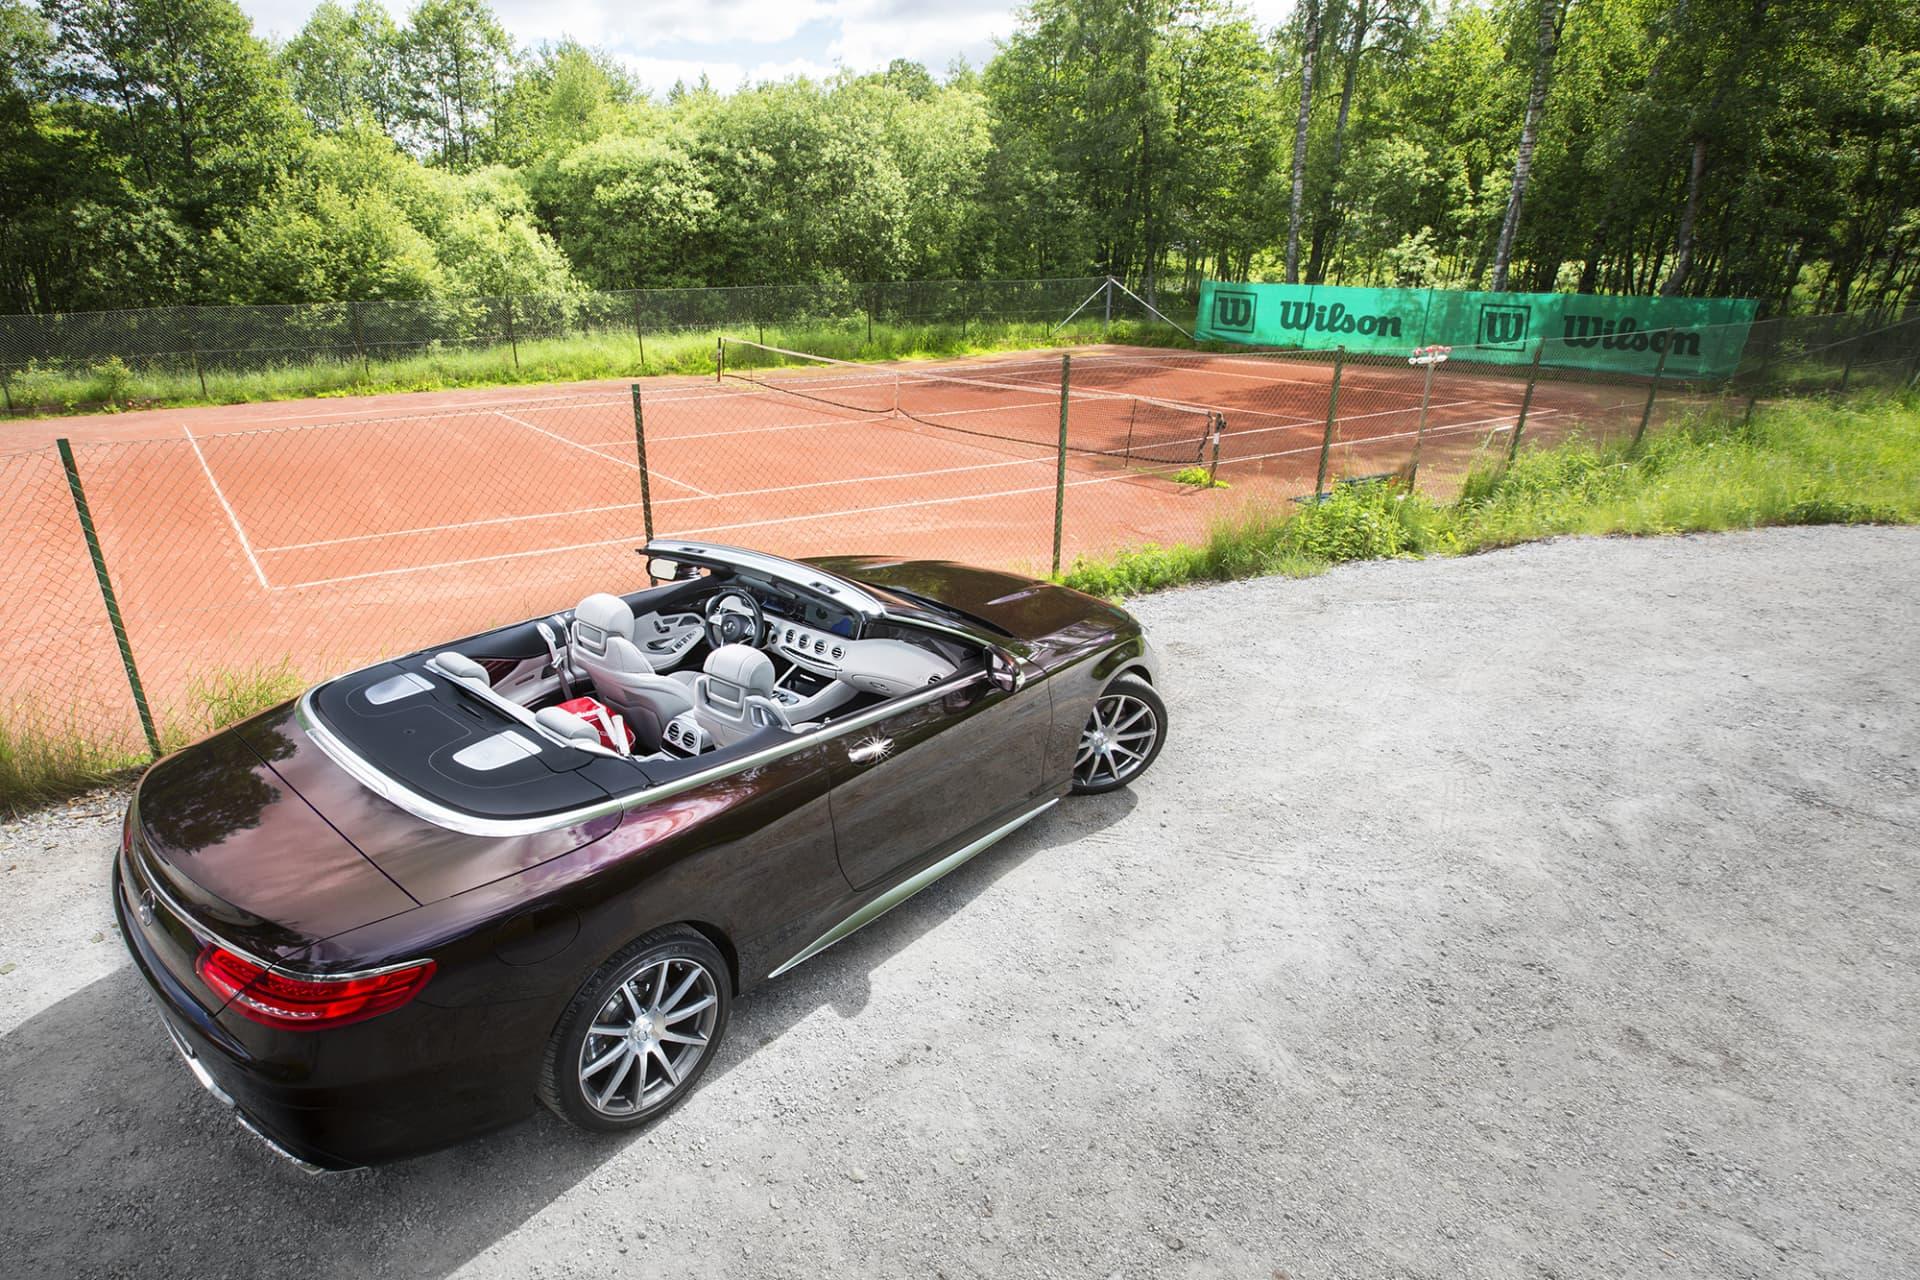 Mercedes S63 AMG Cabriolet är bland det absolut lyxigaste man kan finna i taklös väg när det kommer till bilar.